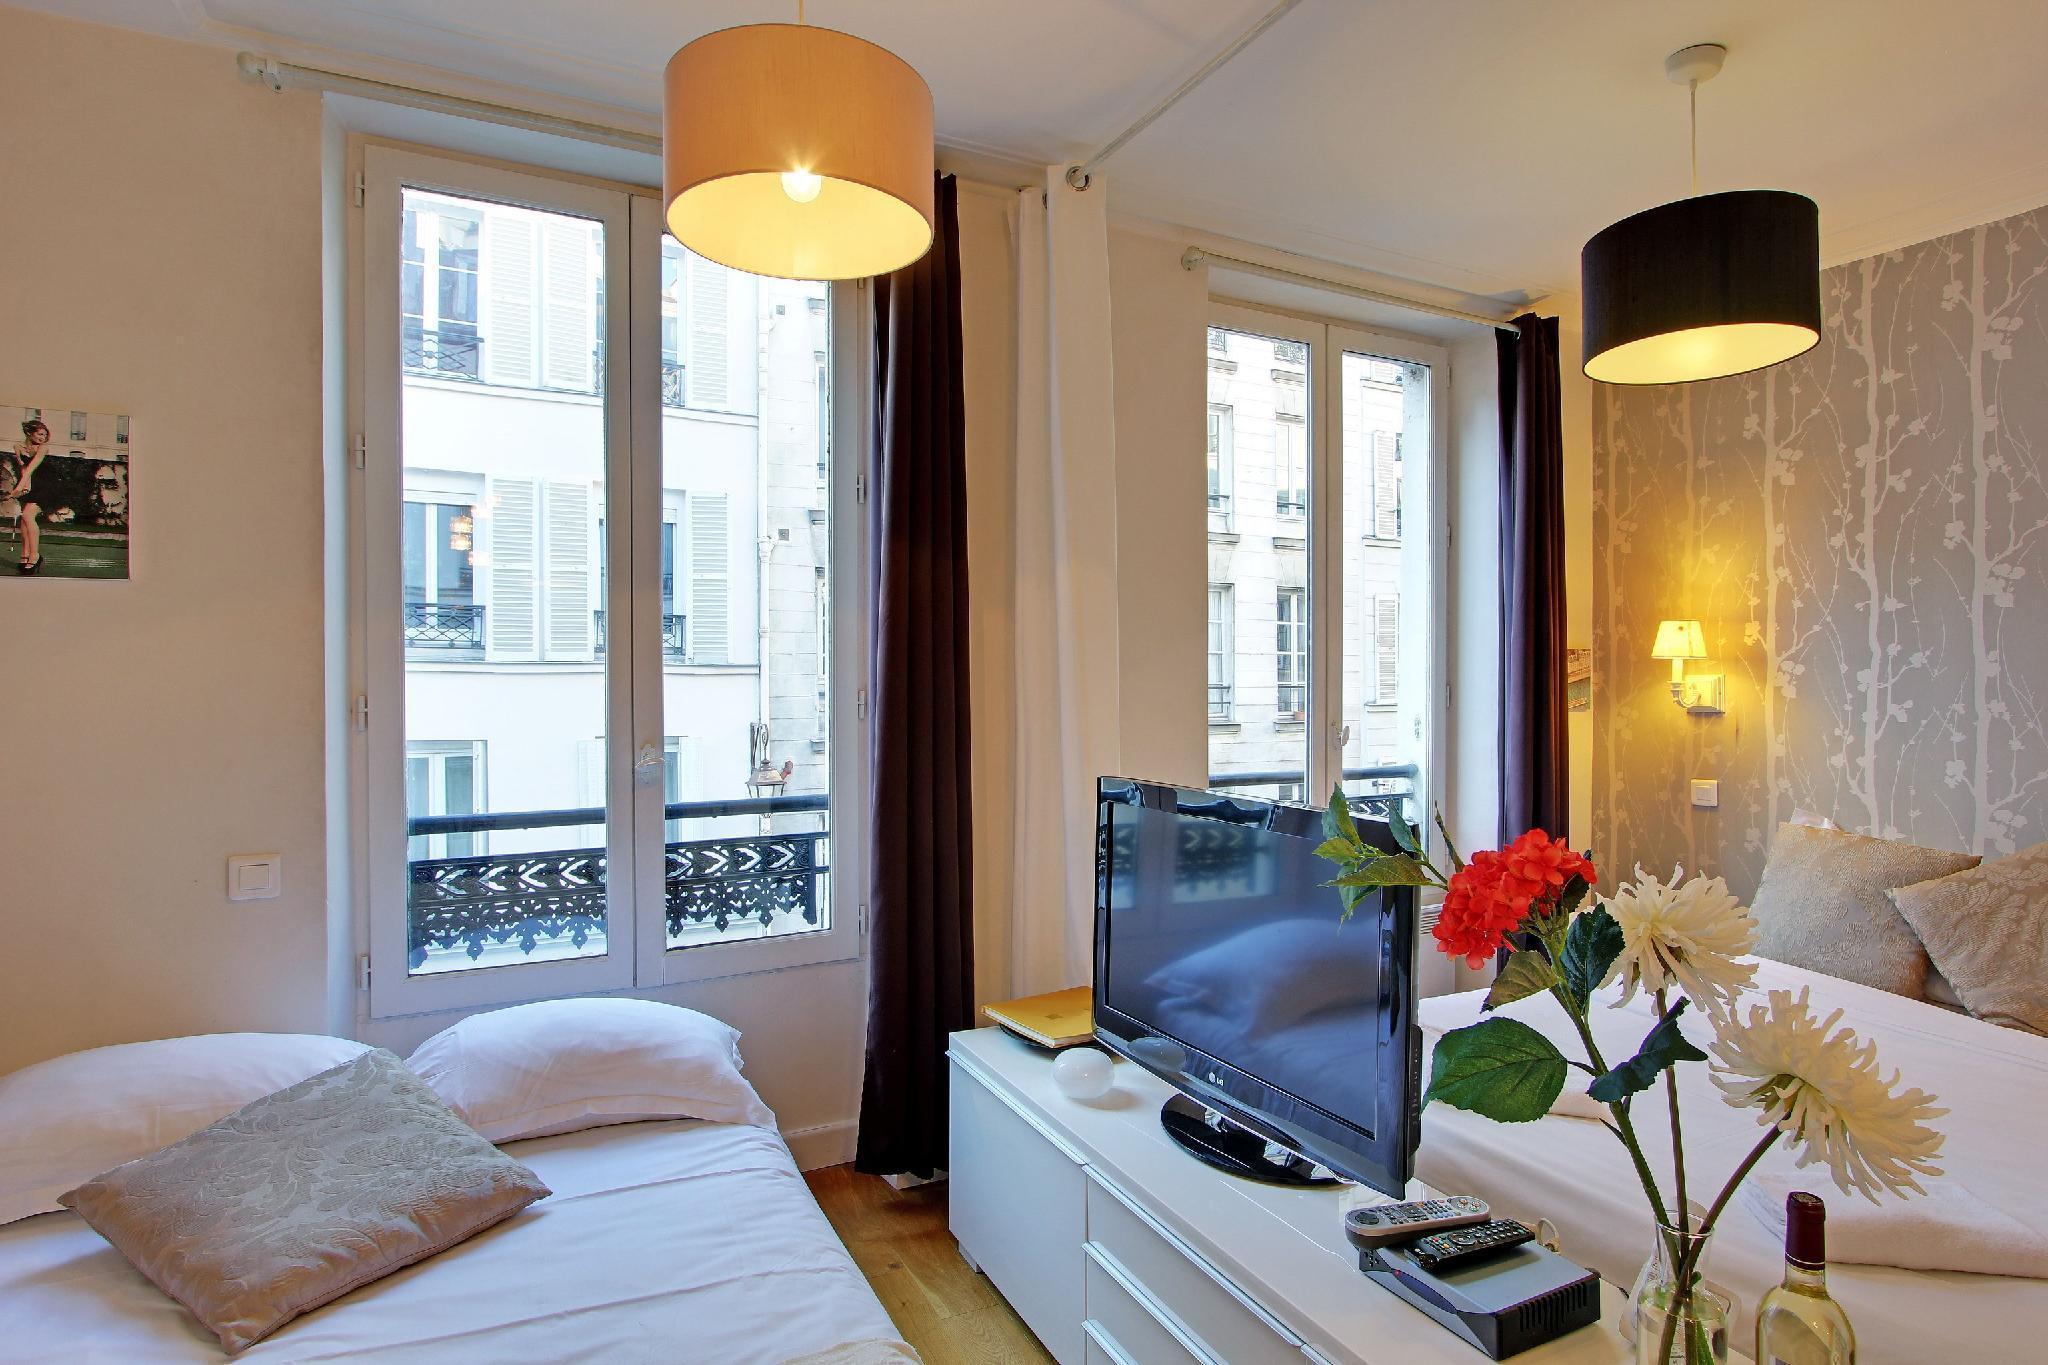 S03009 - Charming studio for 4 people, near République